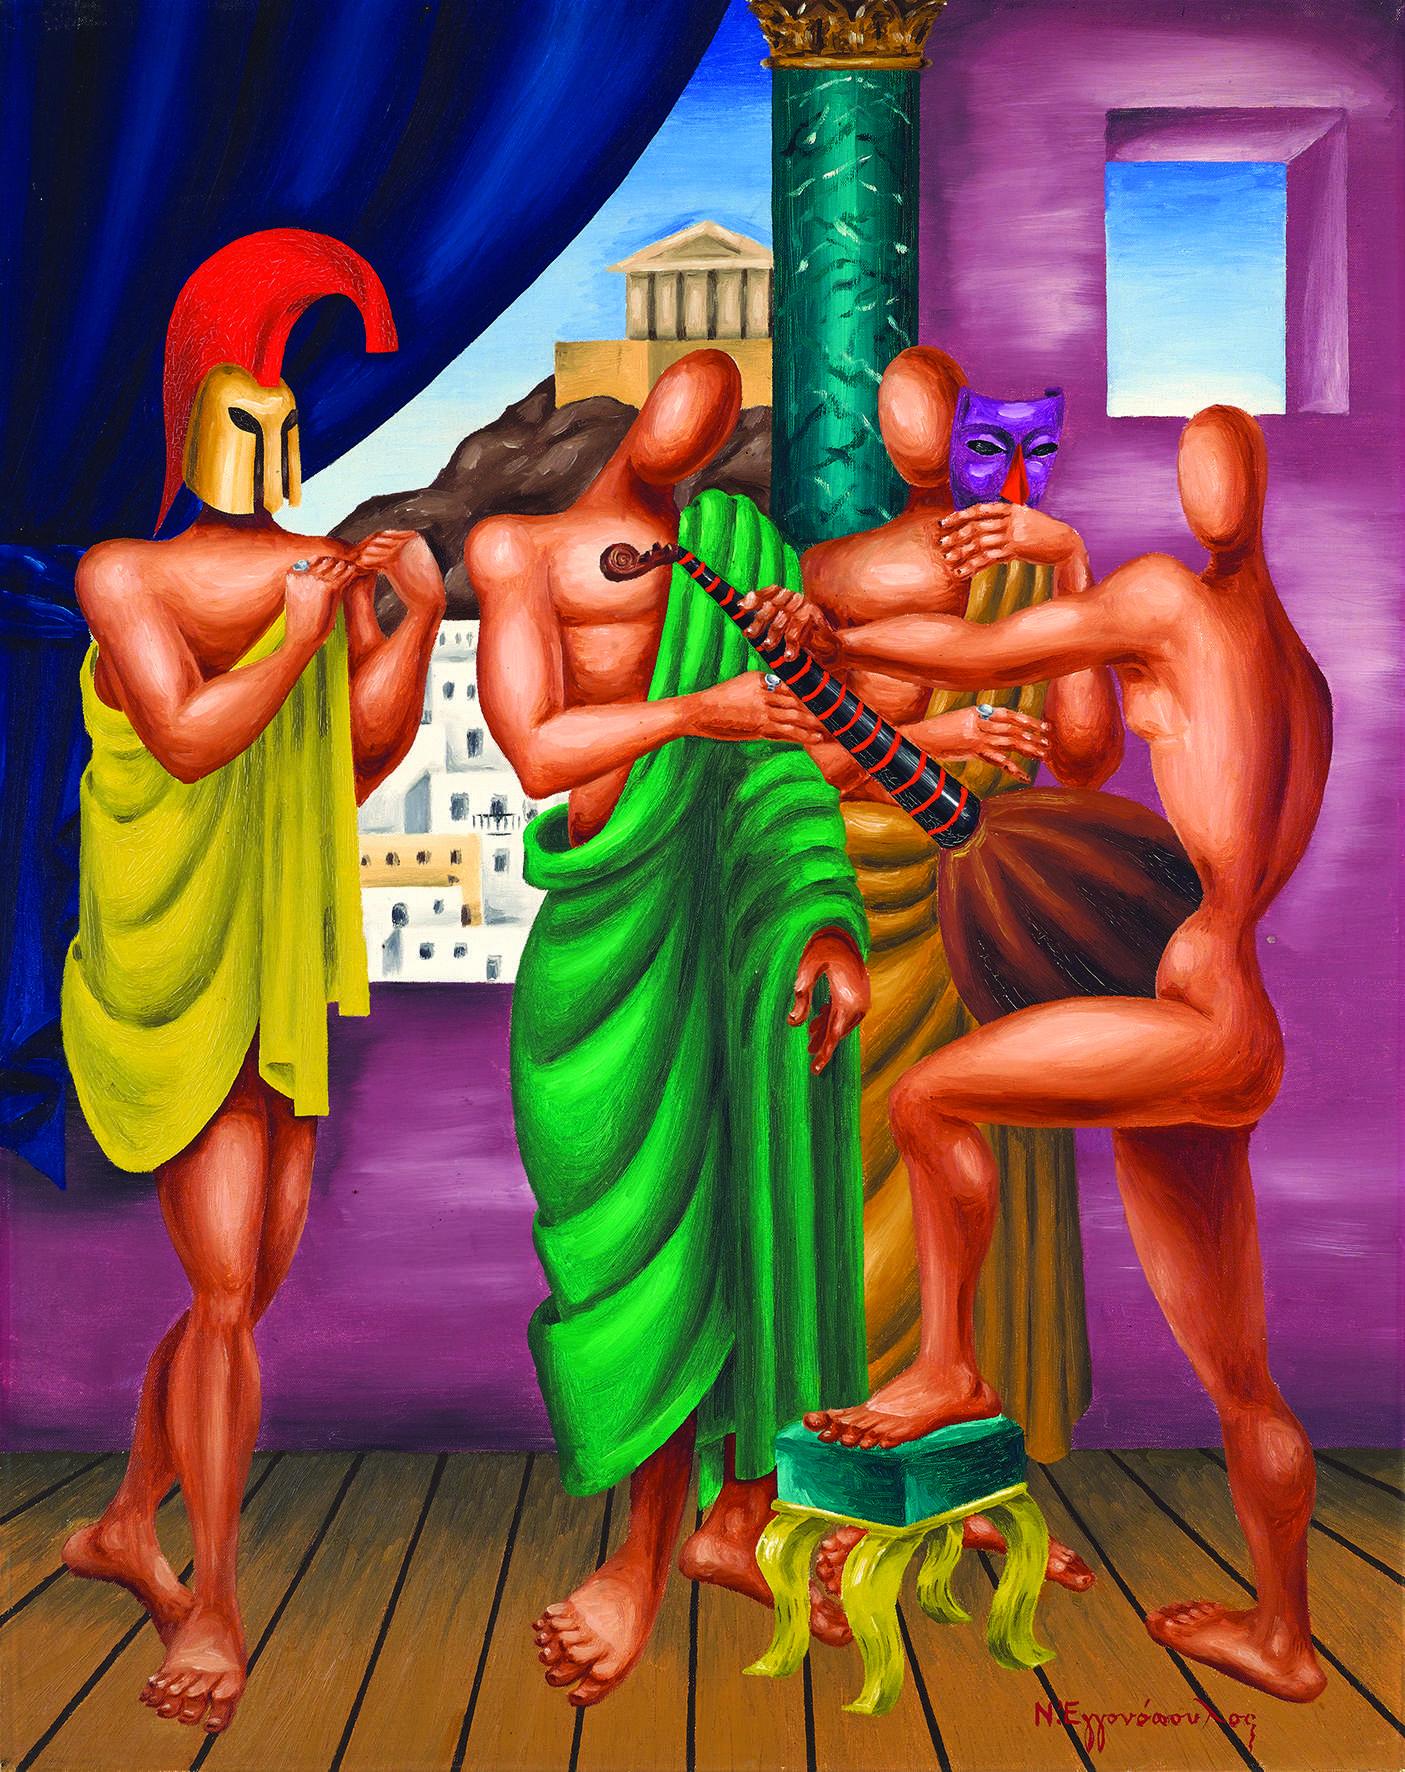 Νίκος Εγγονόπουλος (21 Οκτωβρίου 1907 - 31 Οκτωβρίου 1985). Σύνθεσις, 1960 Λάδι σε καμβά, 92 x 73 εκ. Συλλογή Μανίτας Χατζηφωτίου